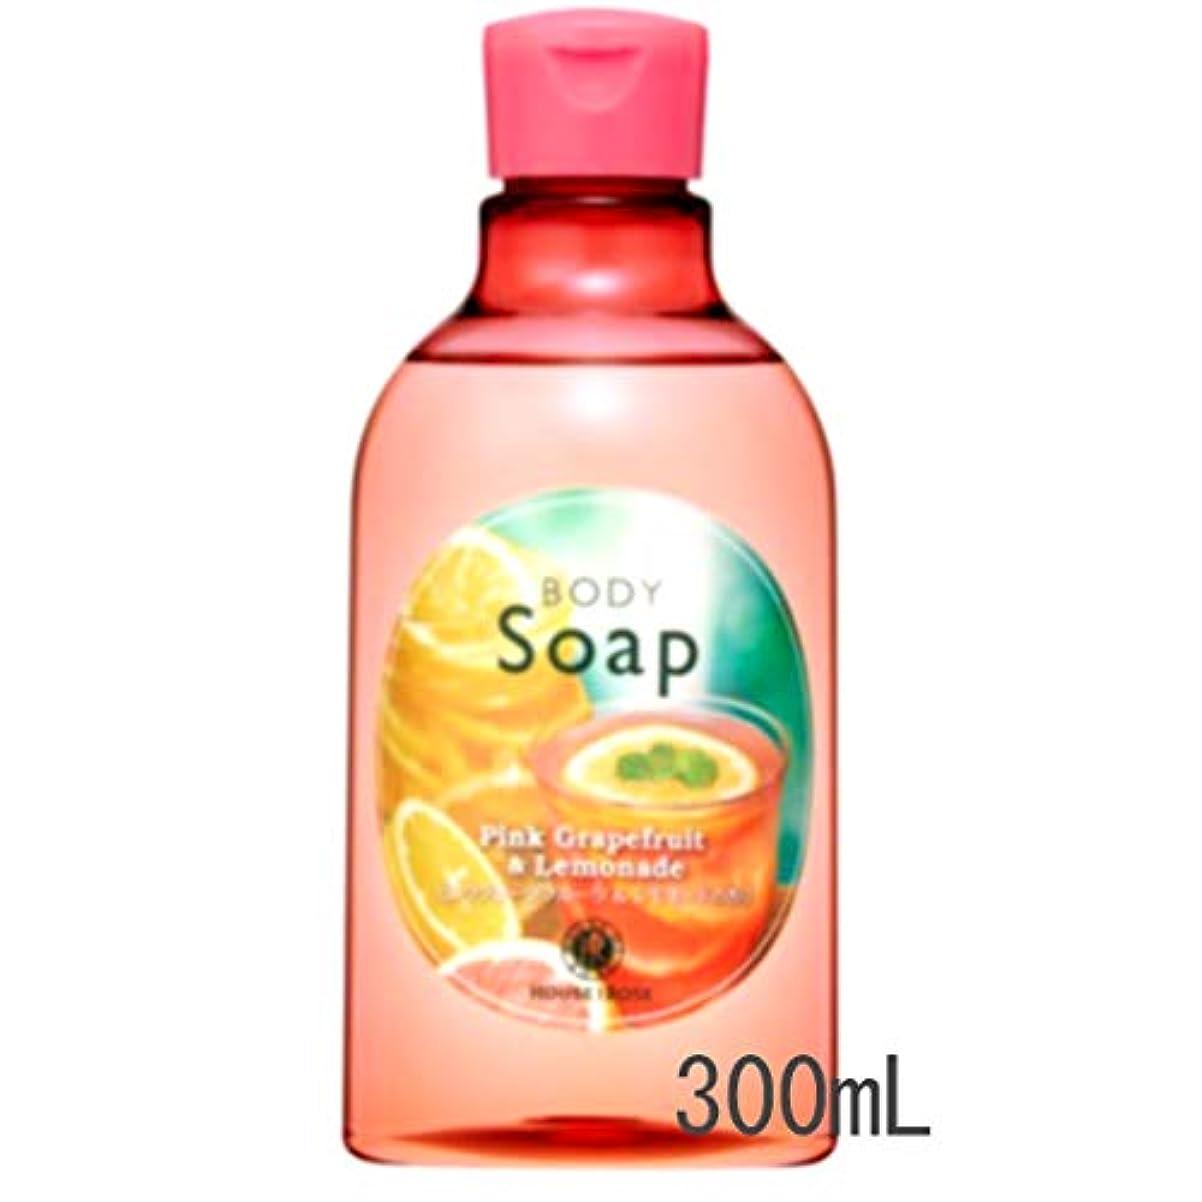 平均保存シュートHOUSE OF ROSE(ハウスオブローゼ) ボディソープ PL(ピンクグレープフルーツ&レモネードの香り)300mL